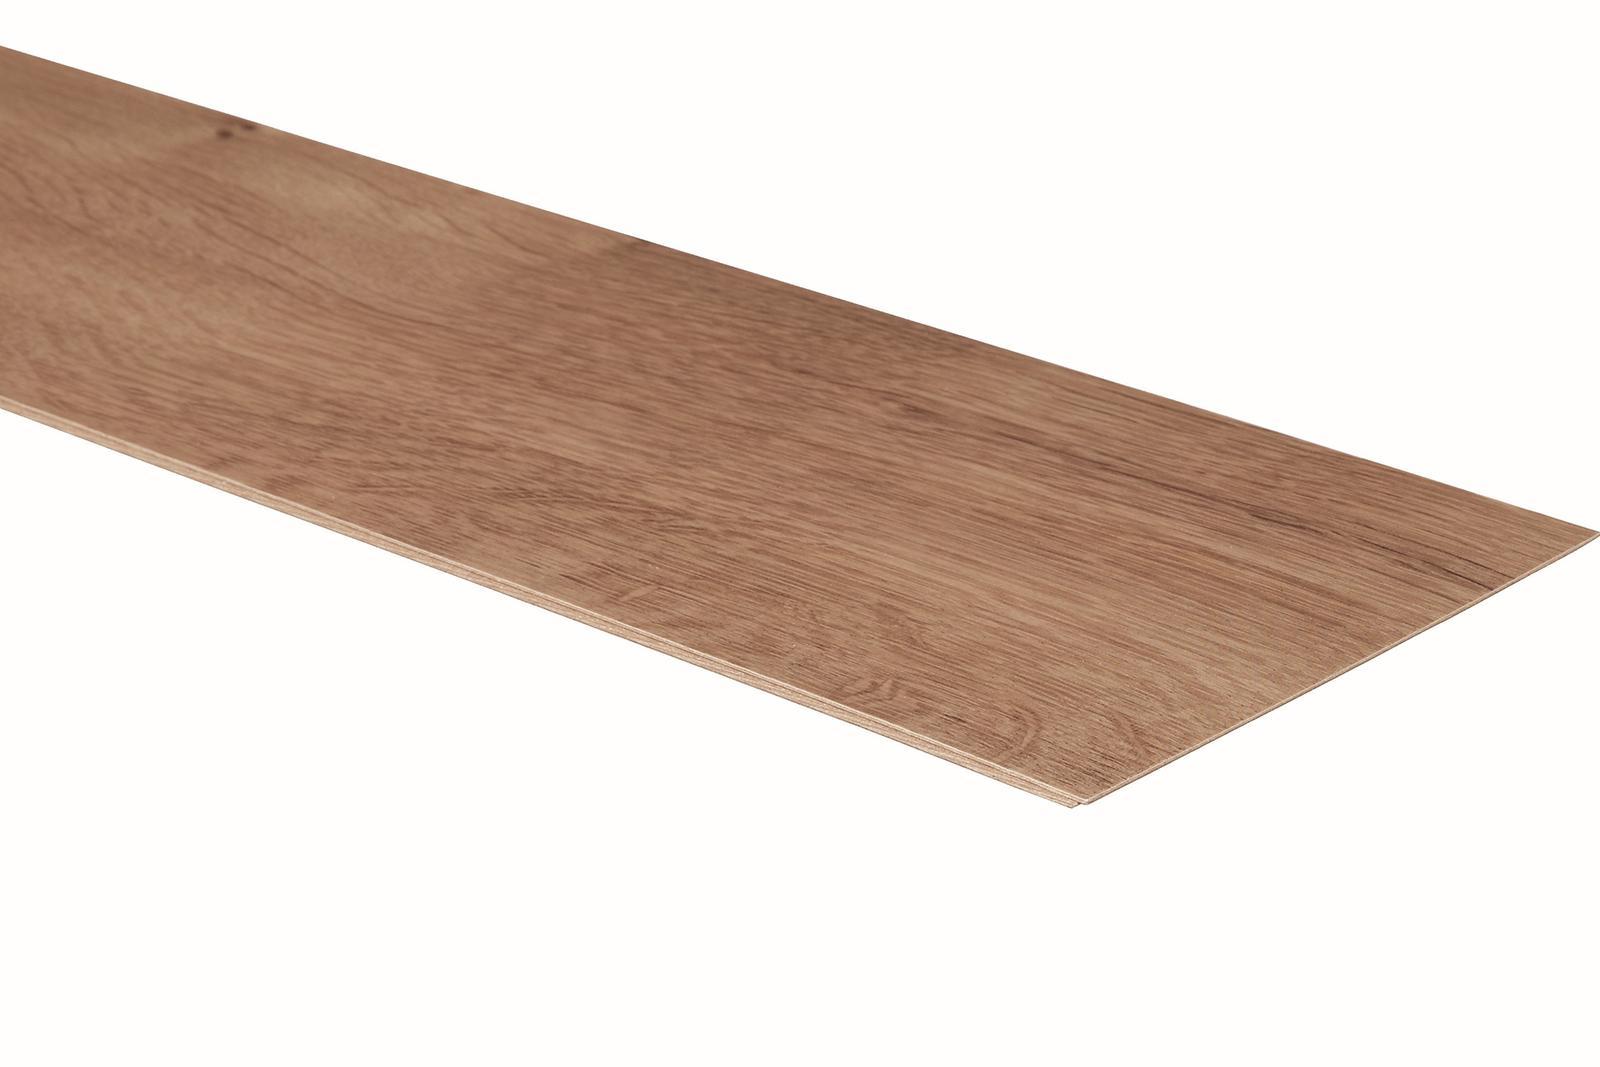 パナソニック、抗ウイルス仕様の1.5mm厚リフォーム専用床材を発売